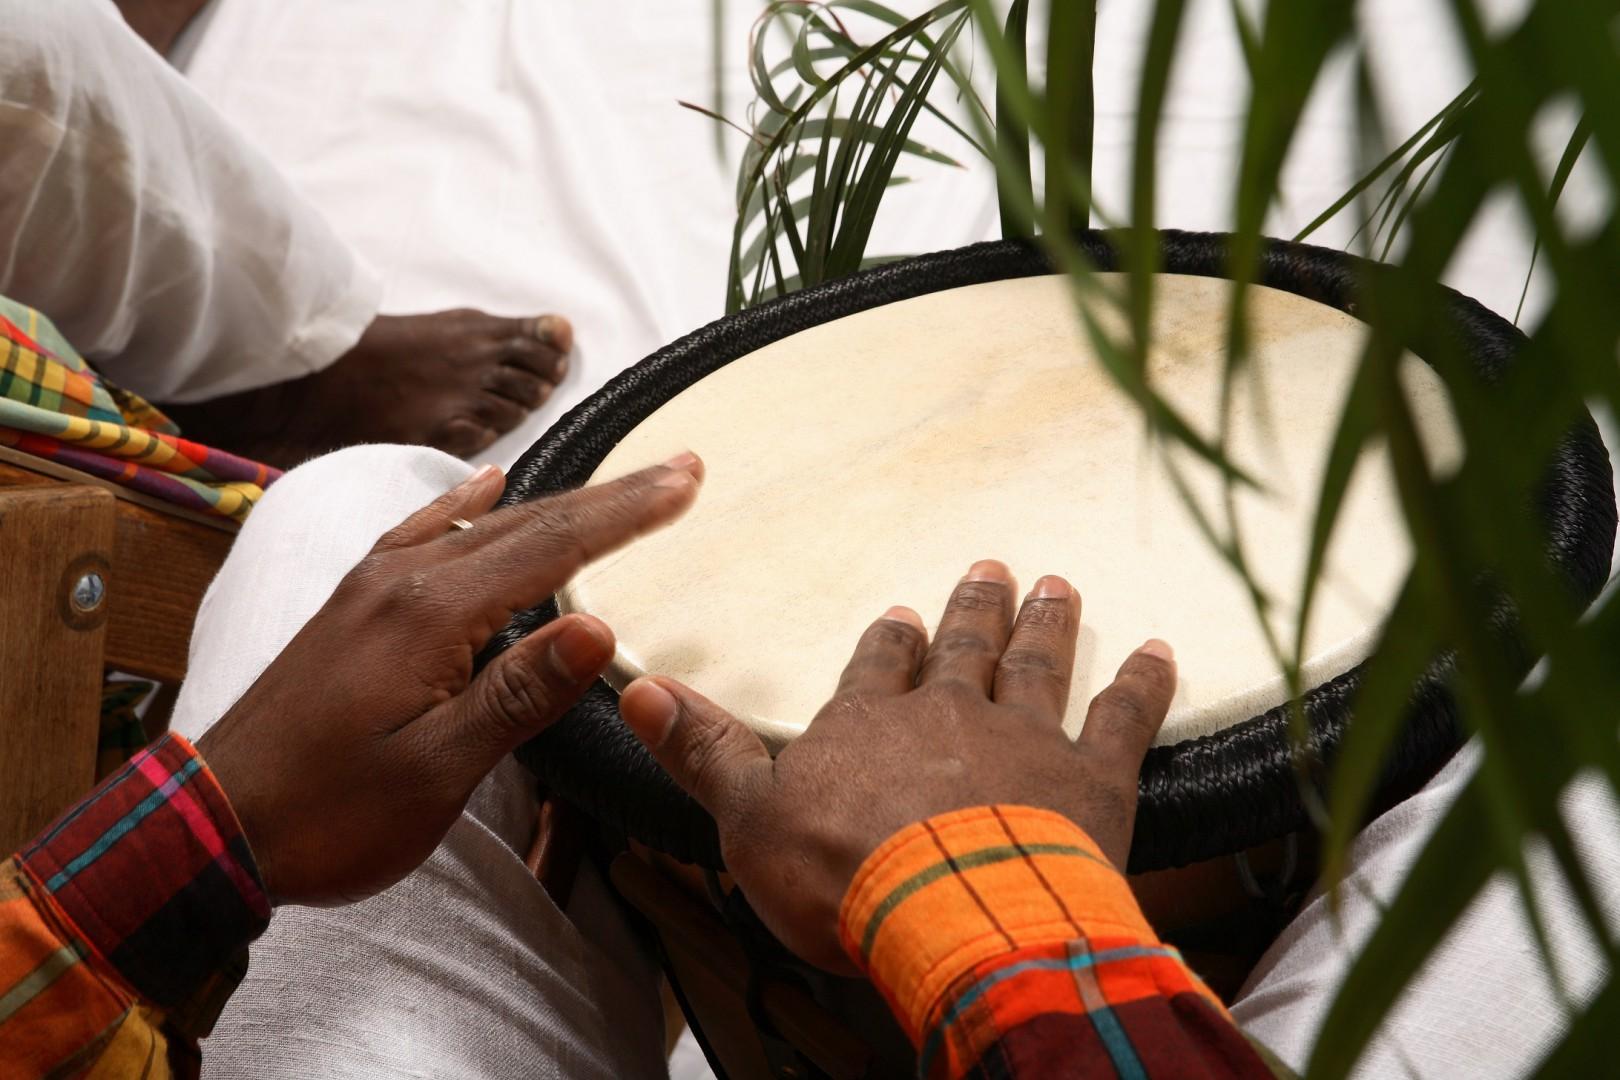 Le tambour bèlè, instrument caractéristique de la musique antillaise